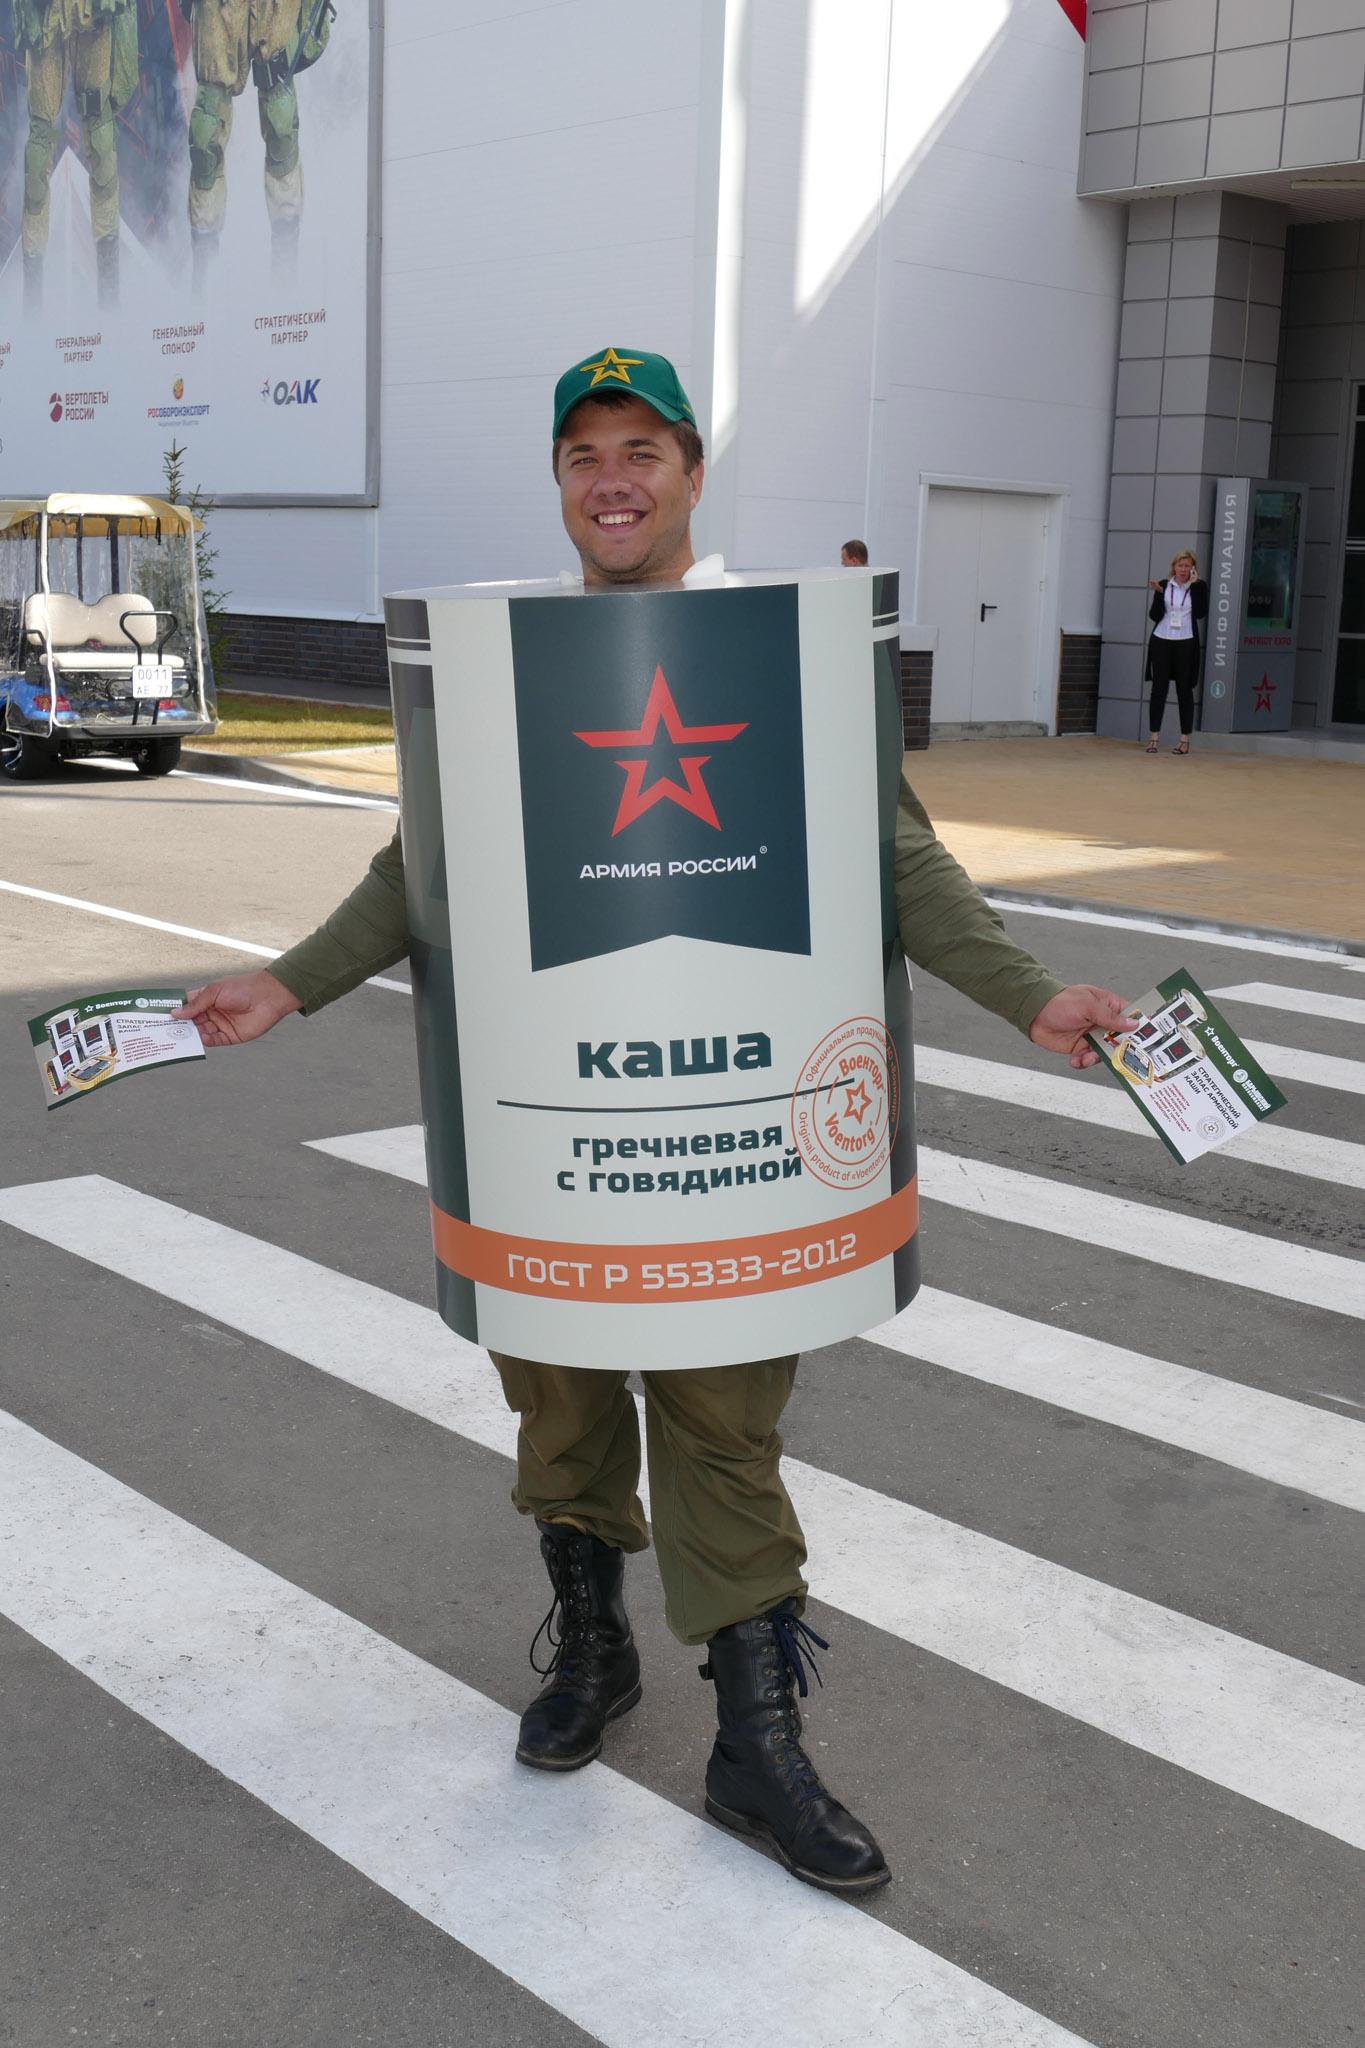 Военная реформа в Украине может быть самой эффективной. Все решения проверяются боевыми действиями, - Мэттис на переговорах с Полтораком - Цензор.НЕТ 8518